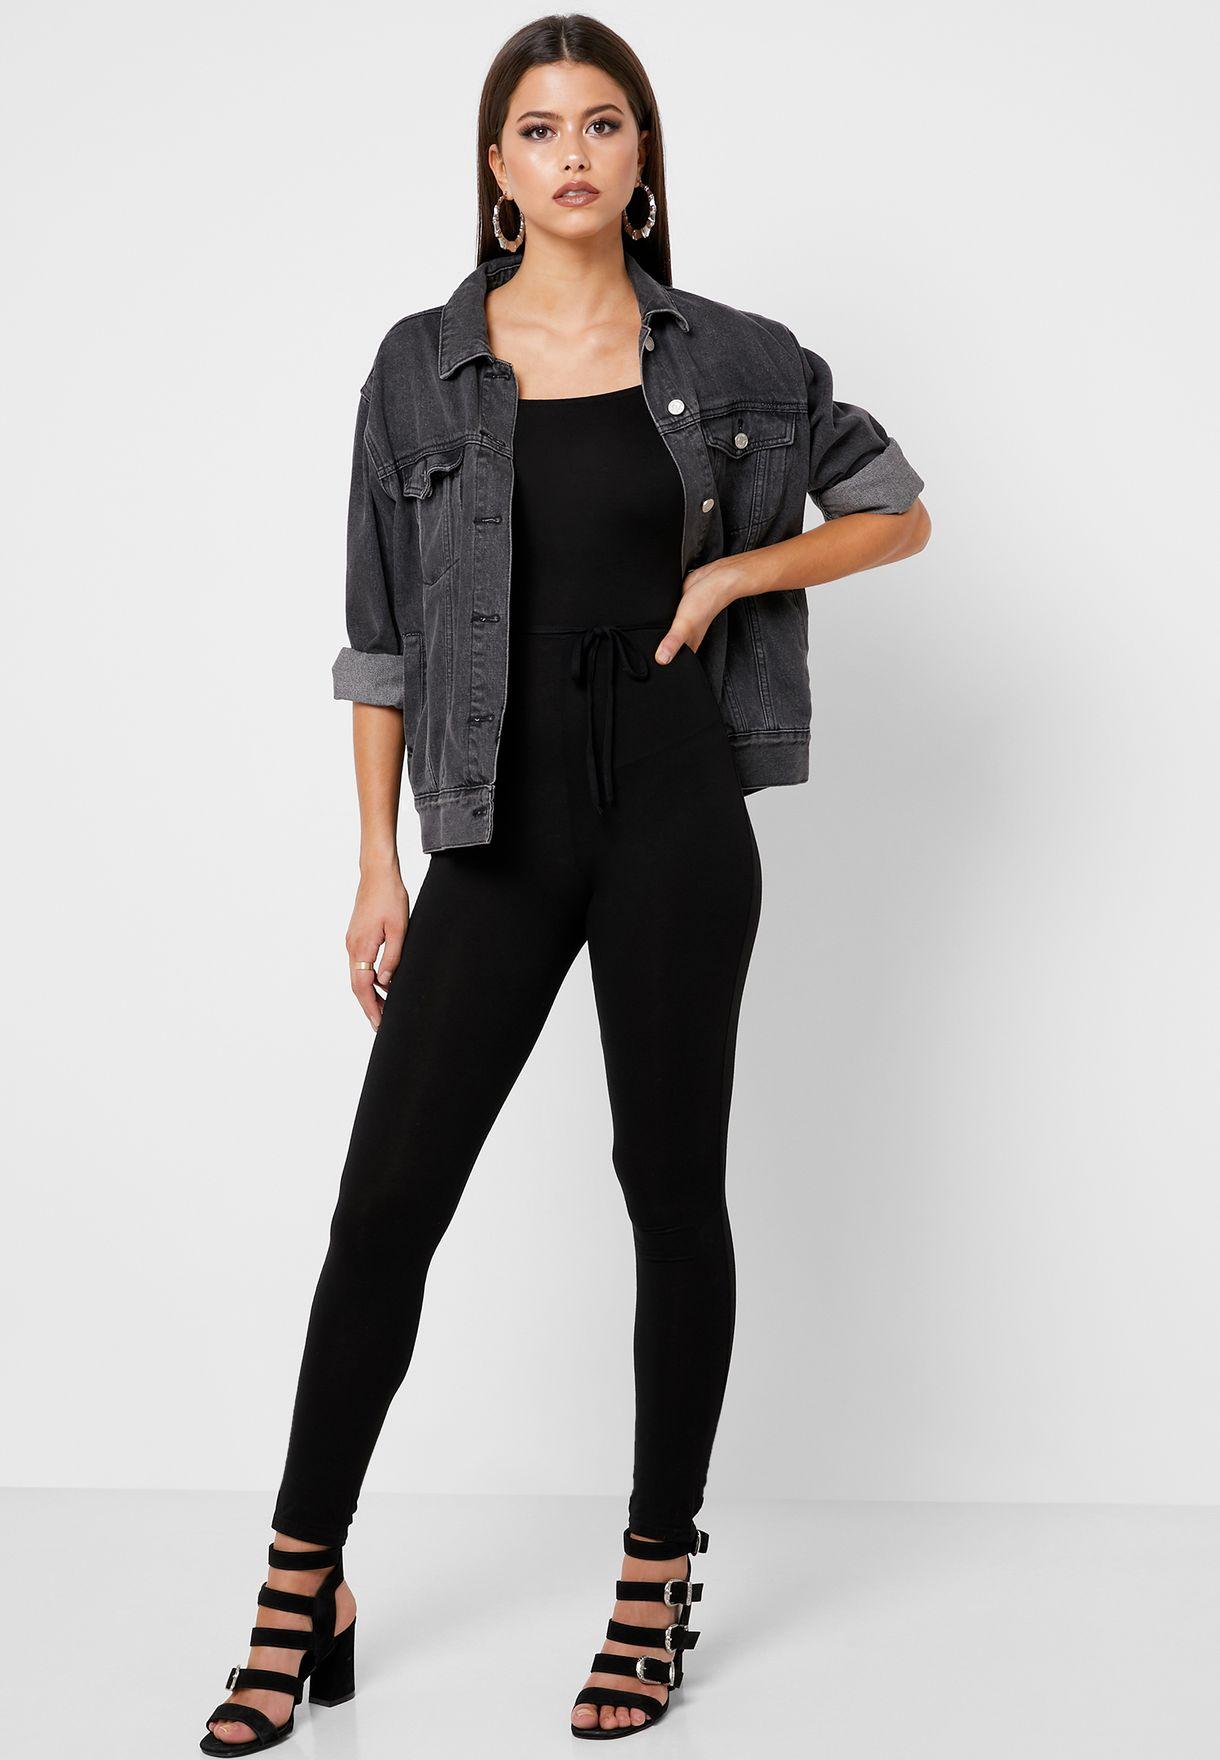 Bardot Belted Jumpsuit